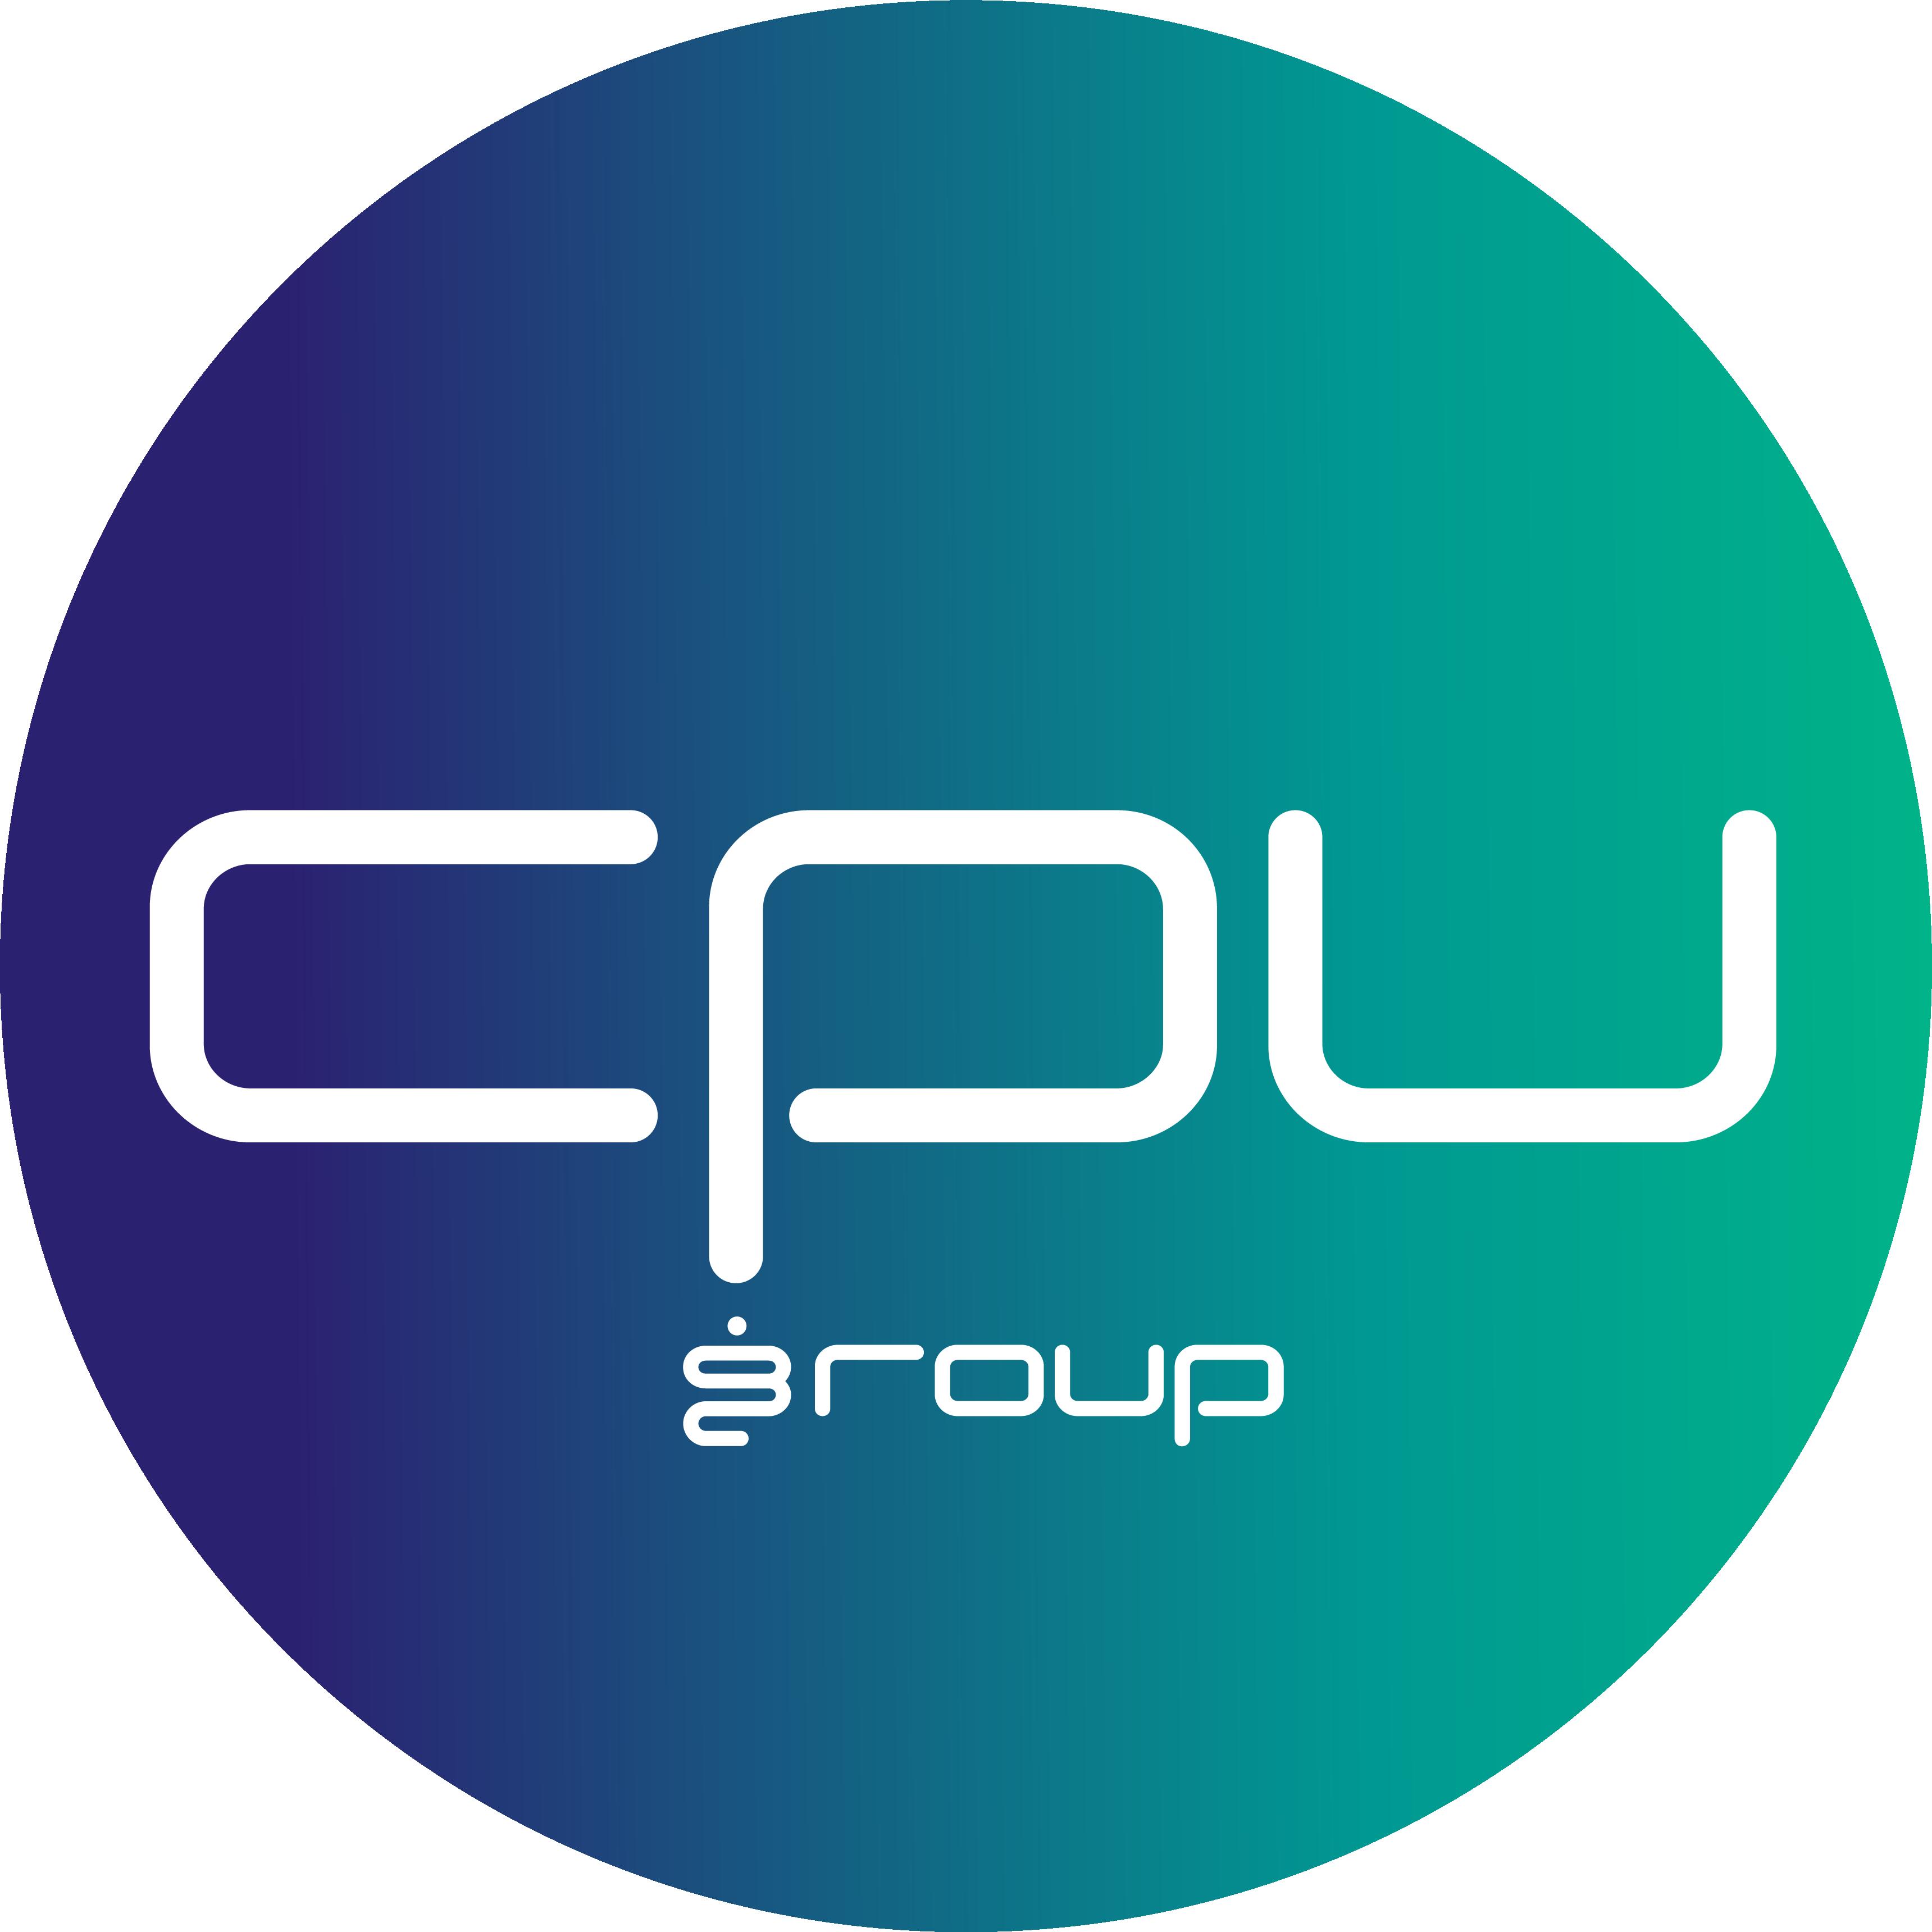 CPU_Group_logo